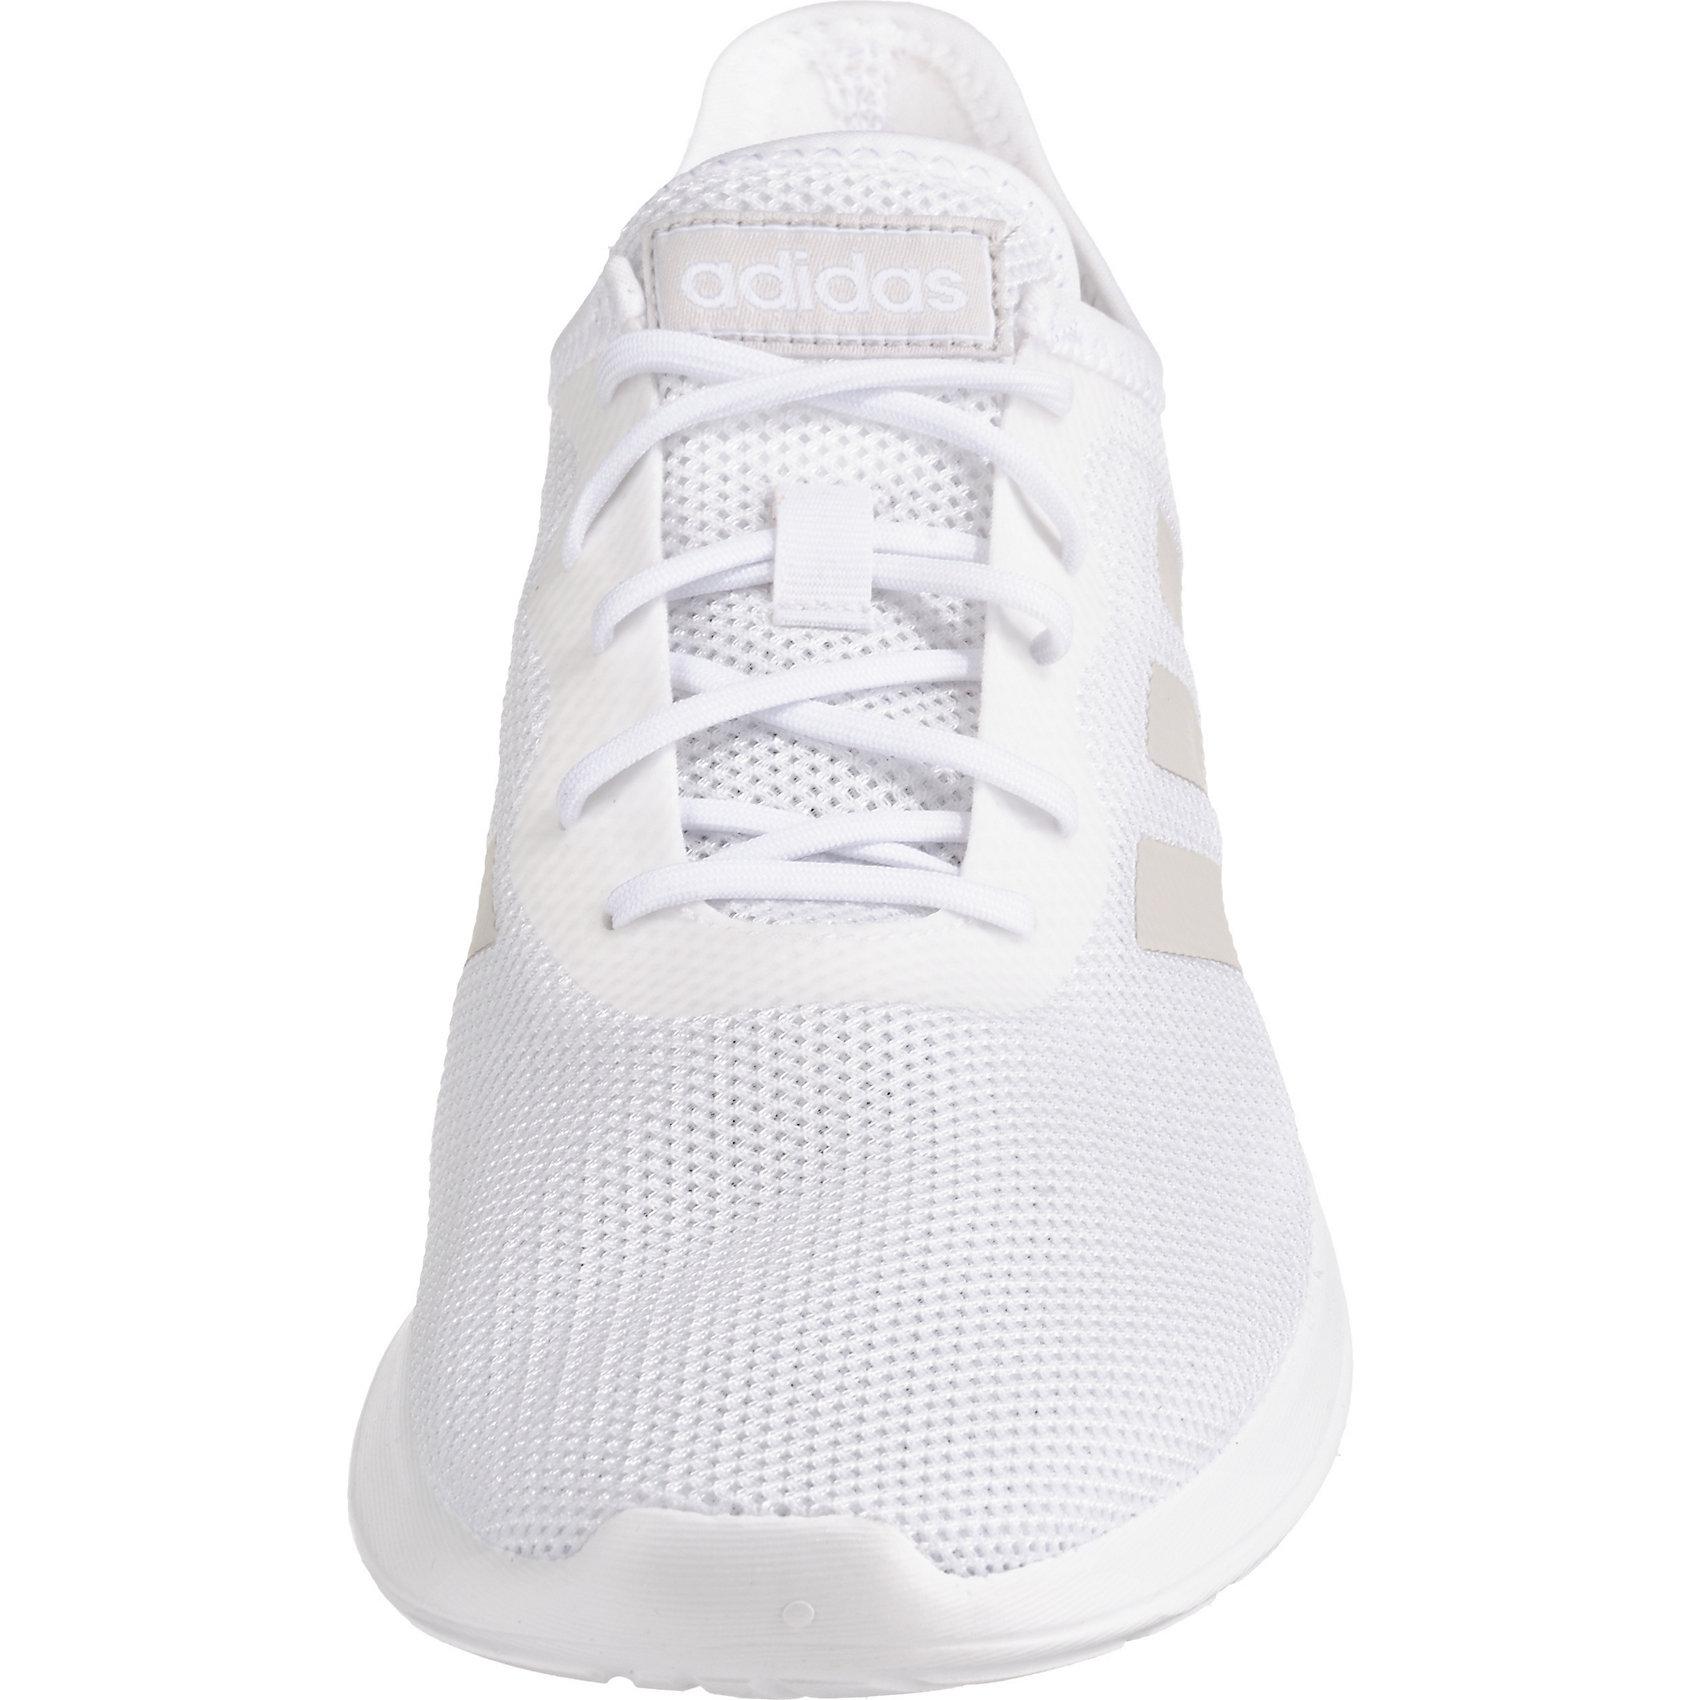 Neu adidas für Sport Inspirot Yatra Turnschuhe Low 10413610 für adidas Damen 2a48df